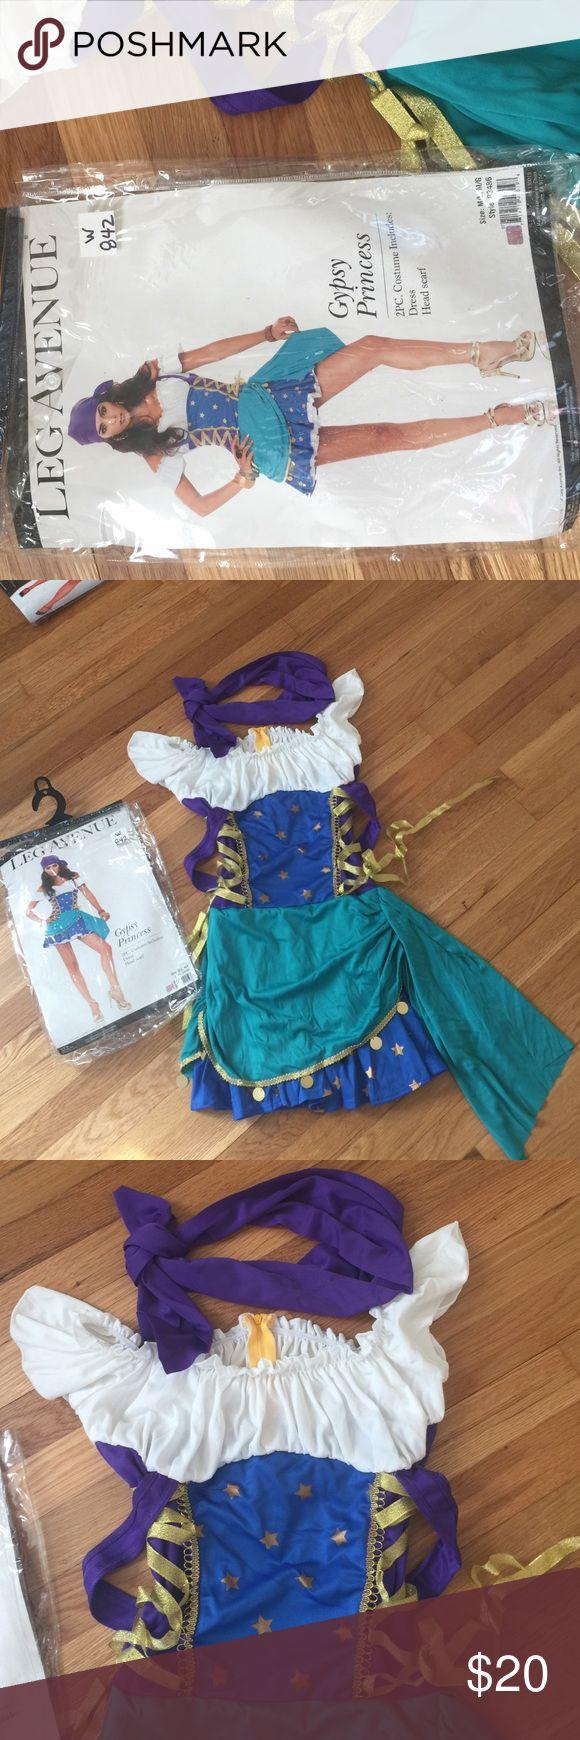 Leg Avenue Gypsy Princess Leg Avenue Gypsy Princess.  Includes Dress & head scarf. Leg Avenue Other